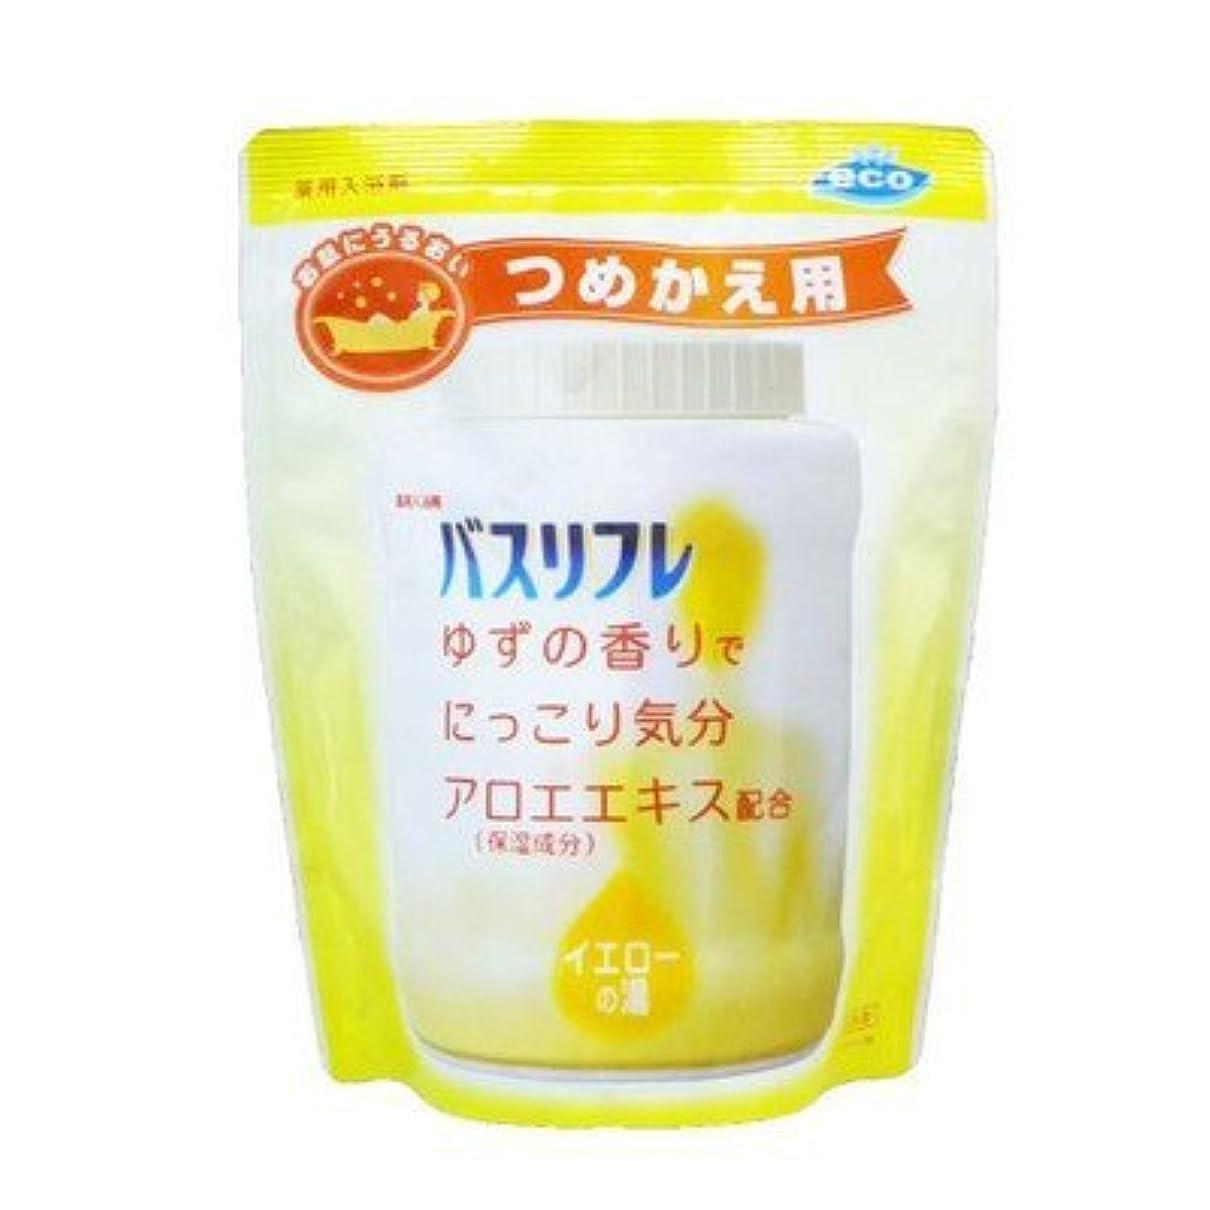 告白するステーキ自体薬用入浴剤 バスリフレ イエローの湯 つめかえ用 540g ゆずの香り (ライオンケミカル) Japan